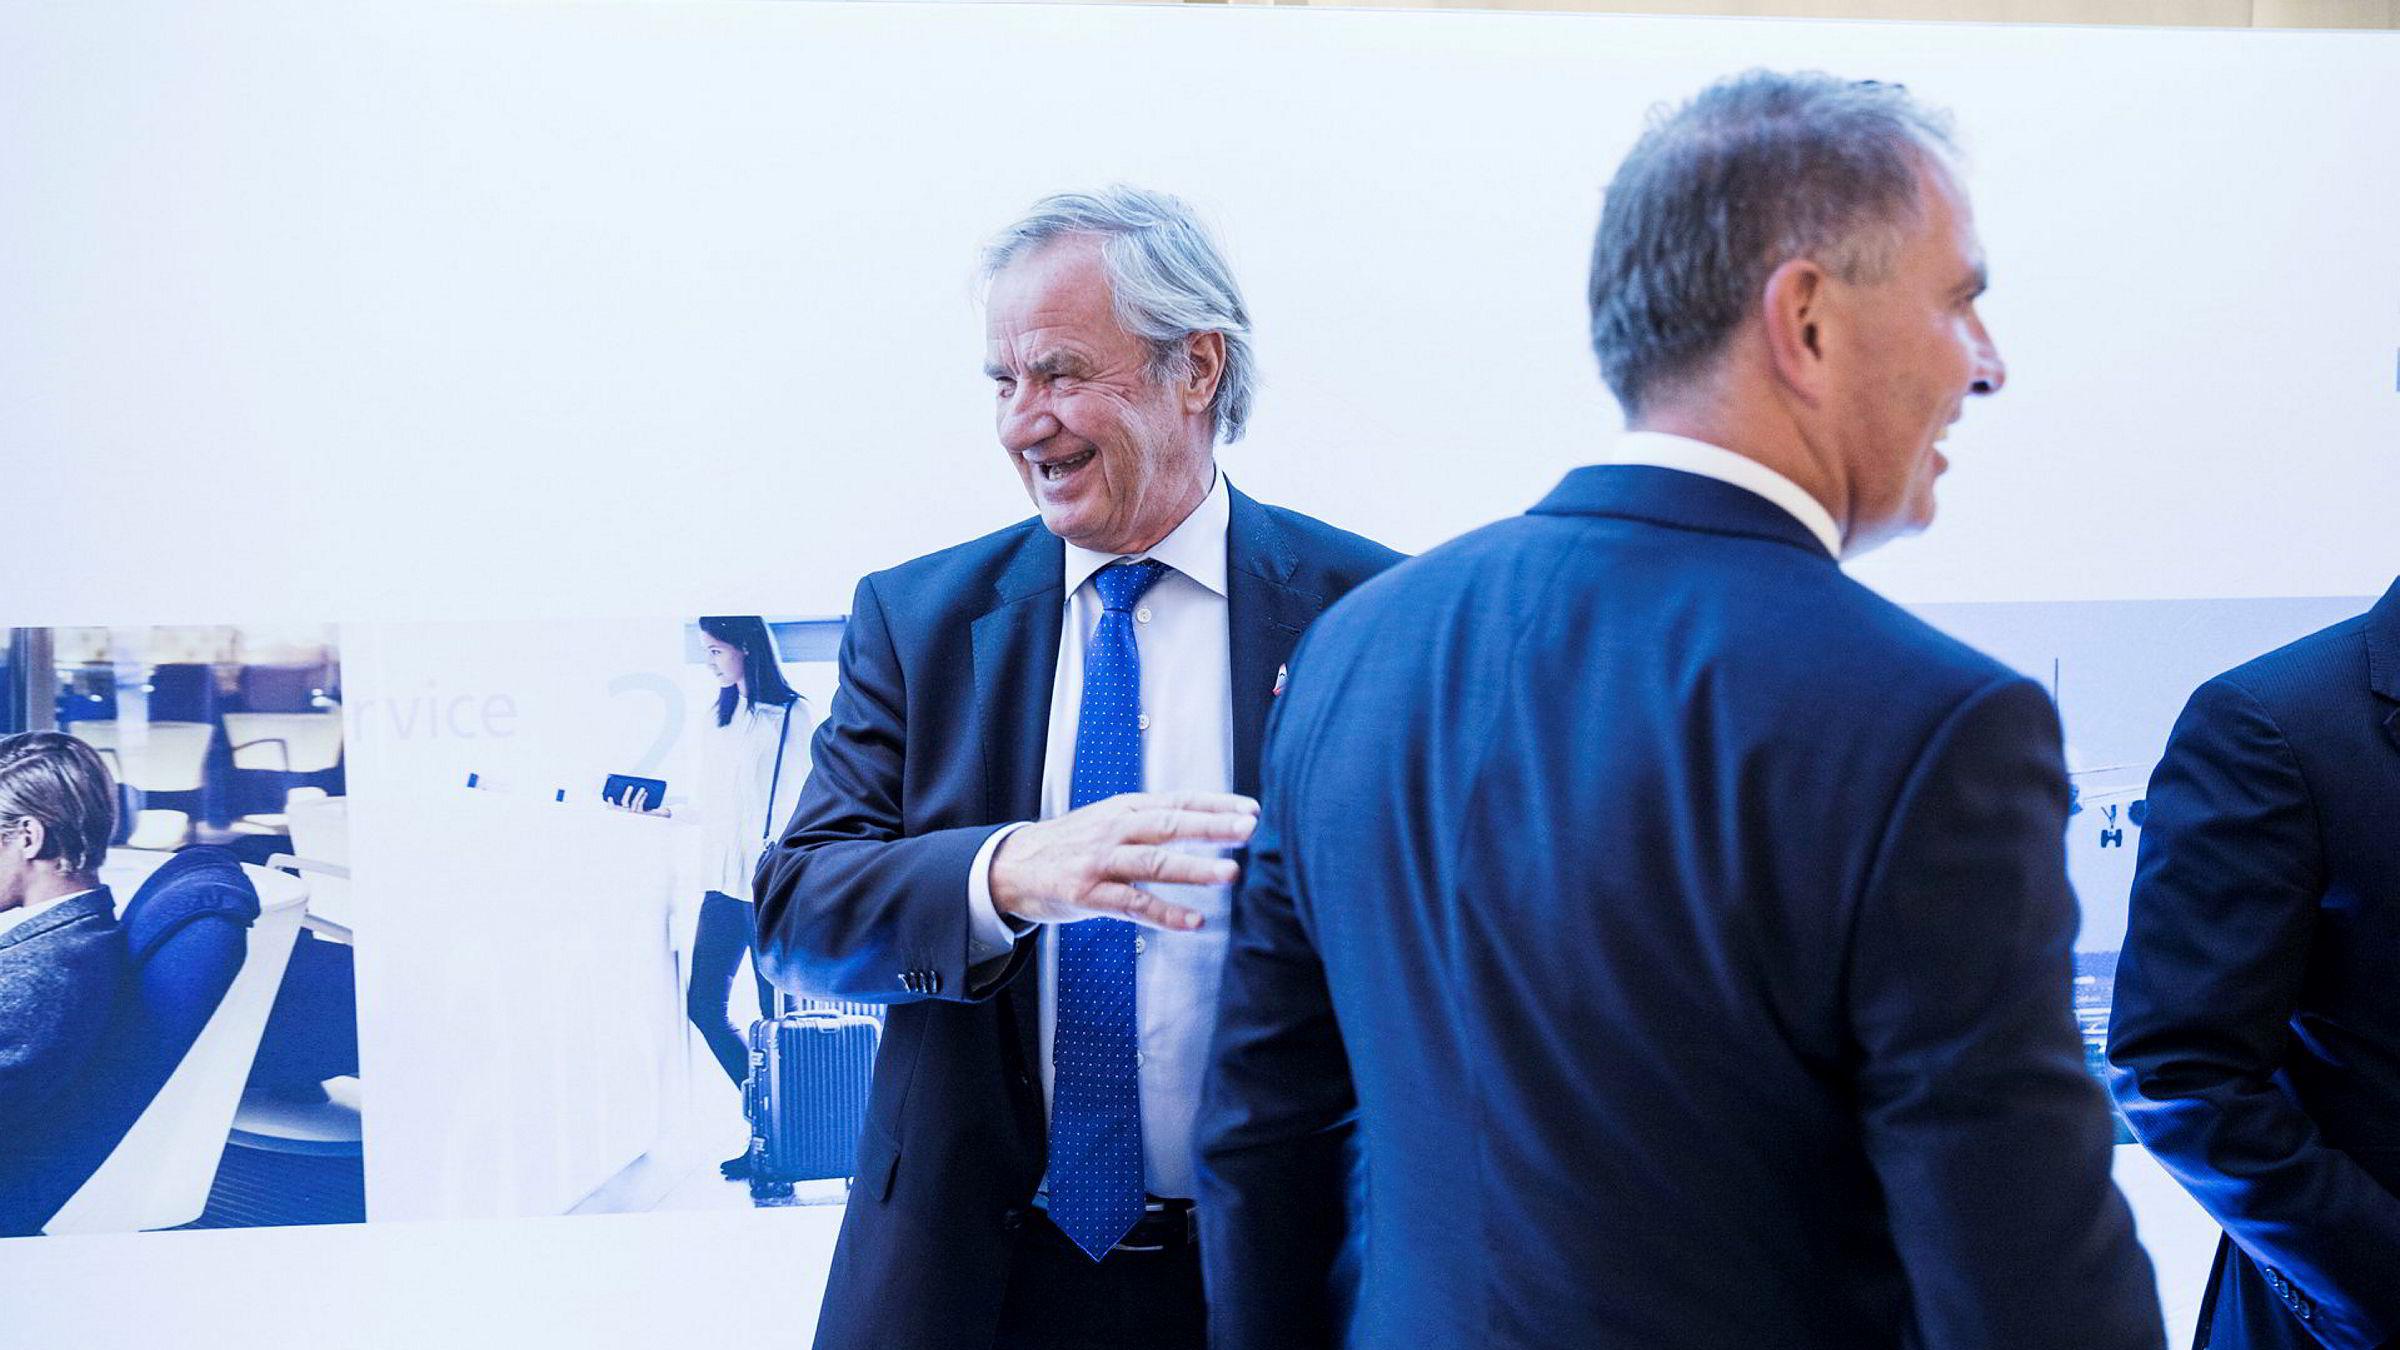 Lufthansas toppsjef Carsten Spohr (foran) hilste på Bjørn Kjos i Brussel. – Det er veldig fint for oss hvis han kjøper det, sier Kjos om Lufthansas bud på Alitalia denne uken.